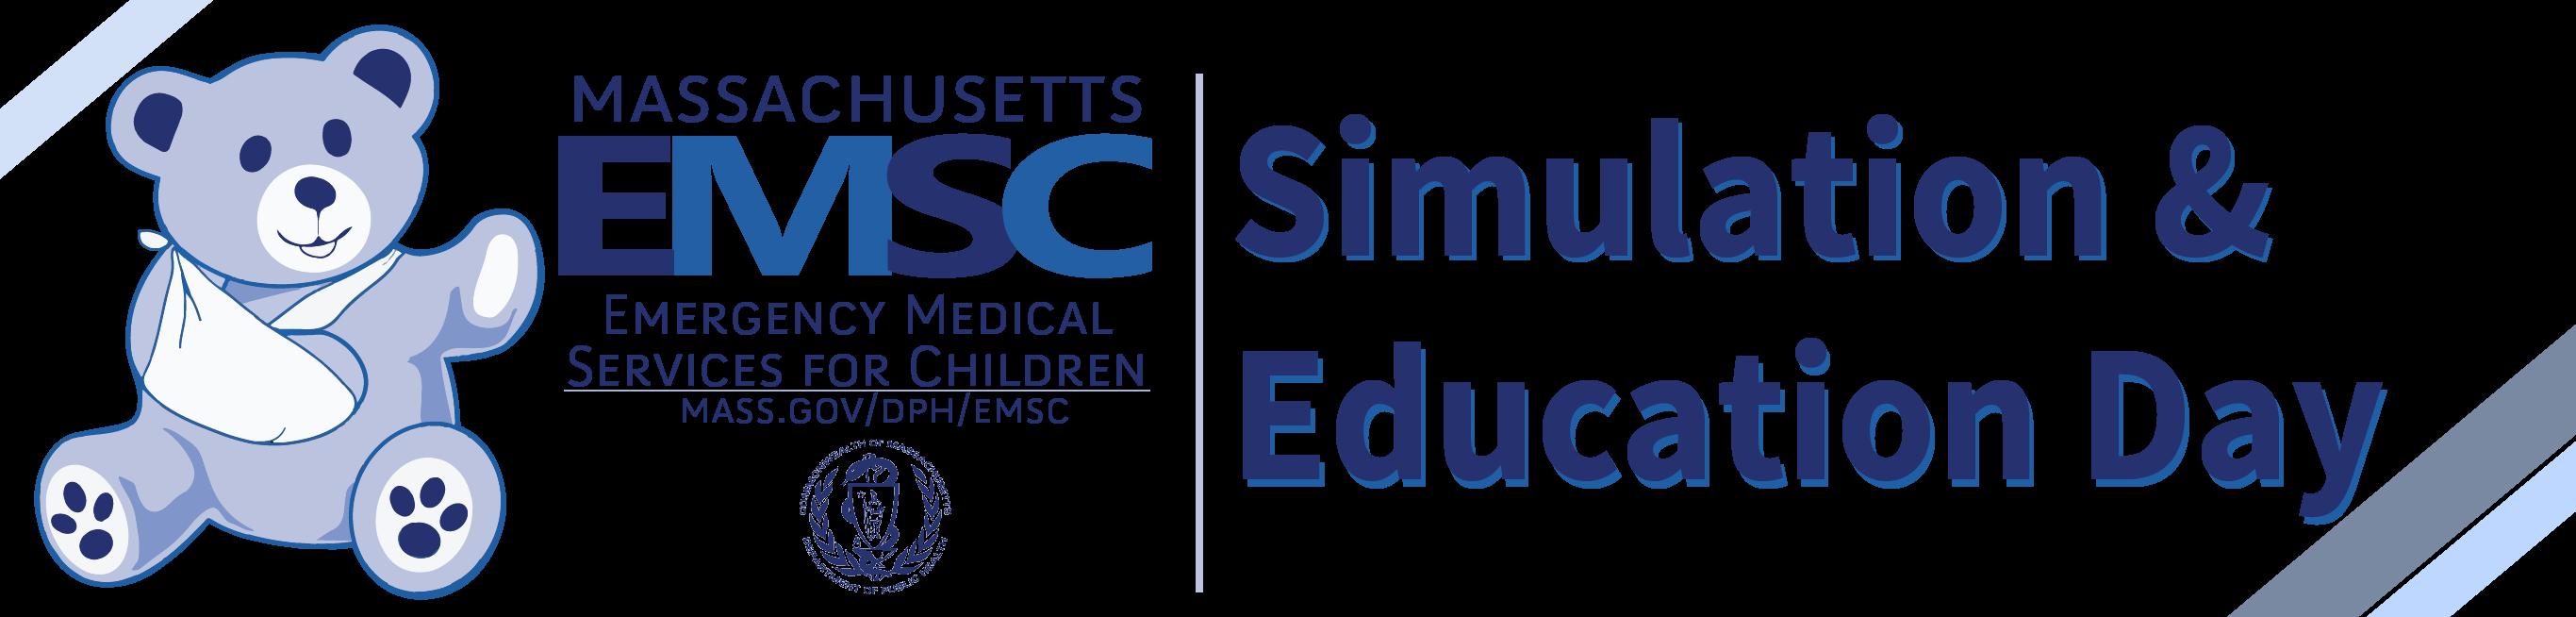 Massachusetts EMSC Education Day (#629)